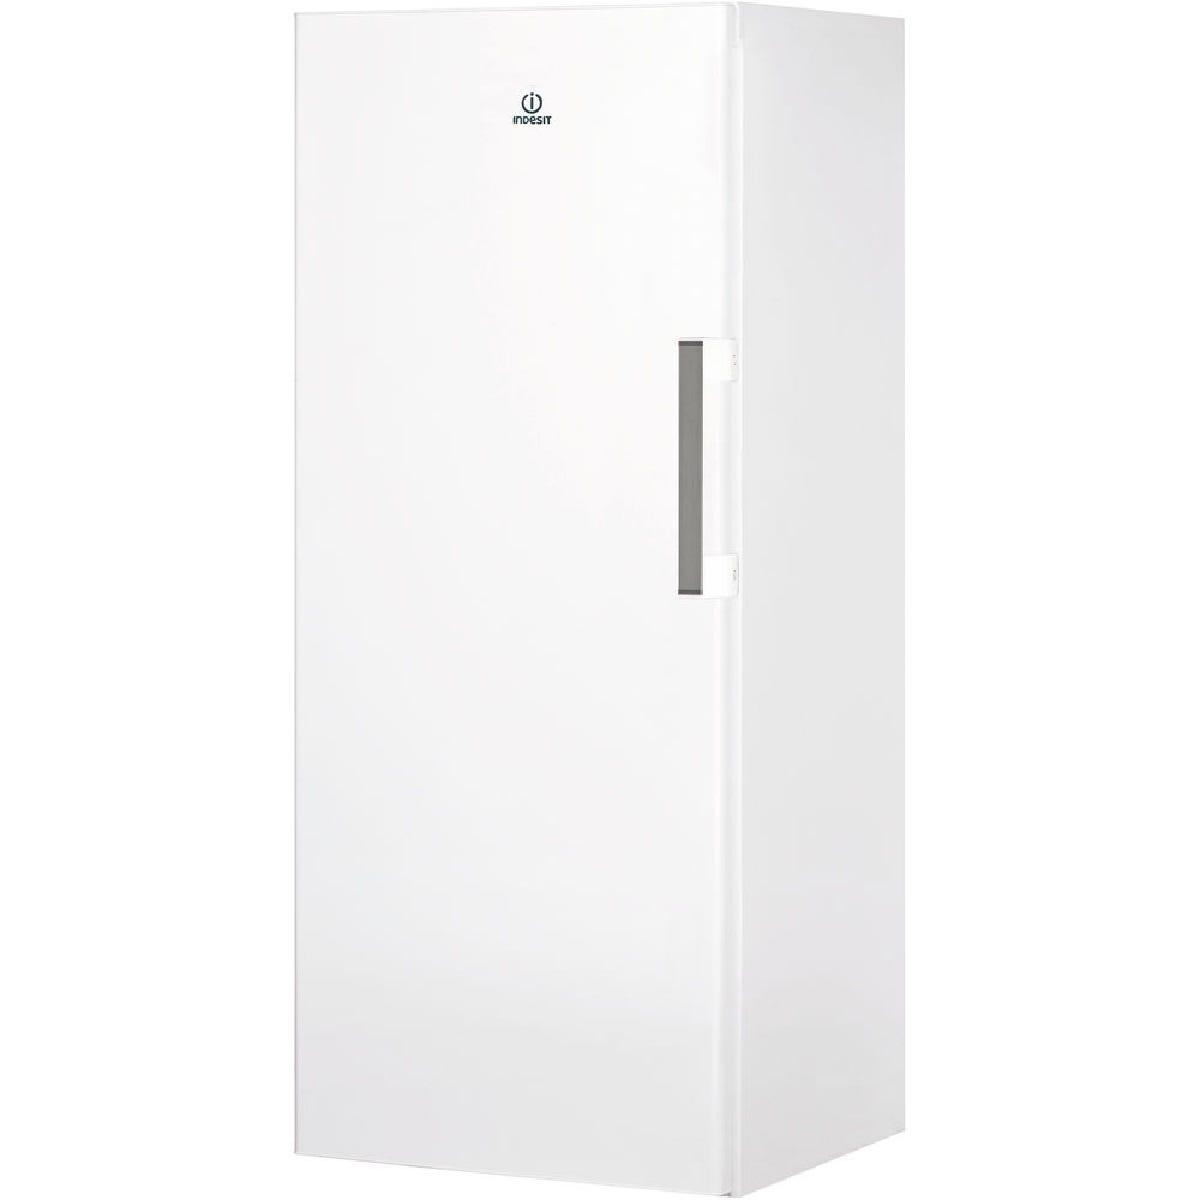 indesit ui4 1 w.1 freezer - white